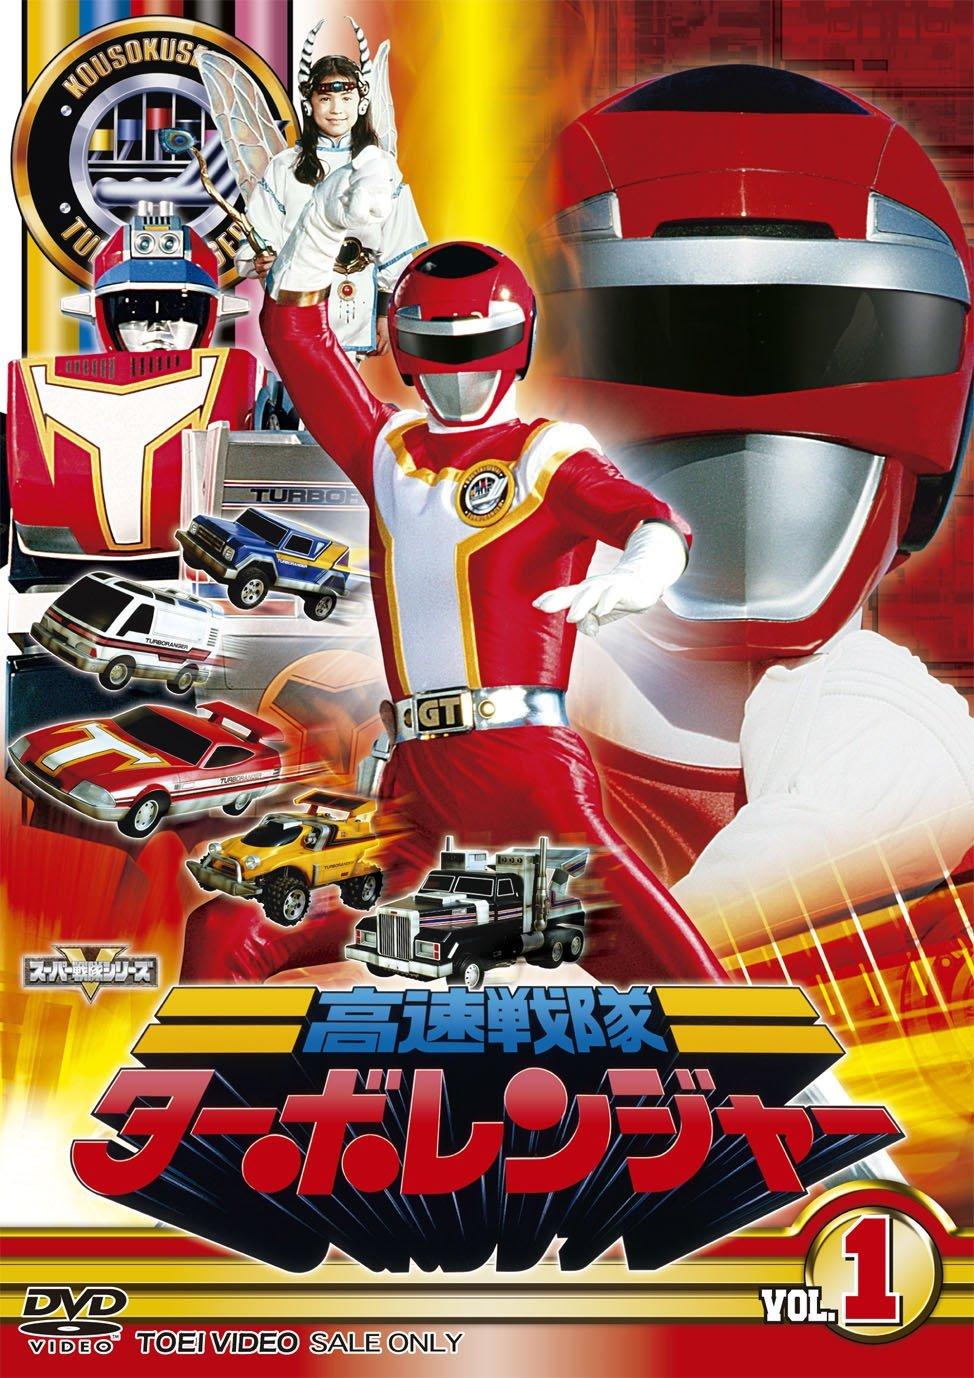 File:Turboranger DVD Vol 1.jpg